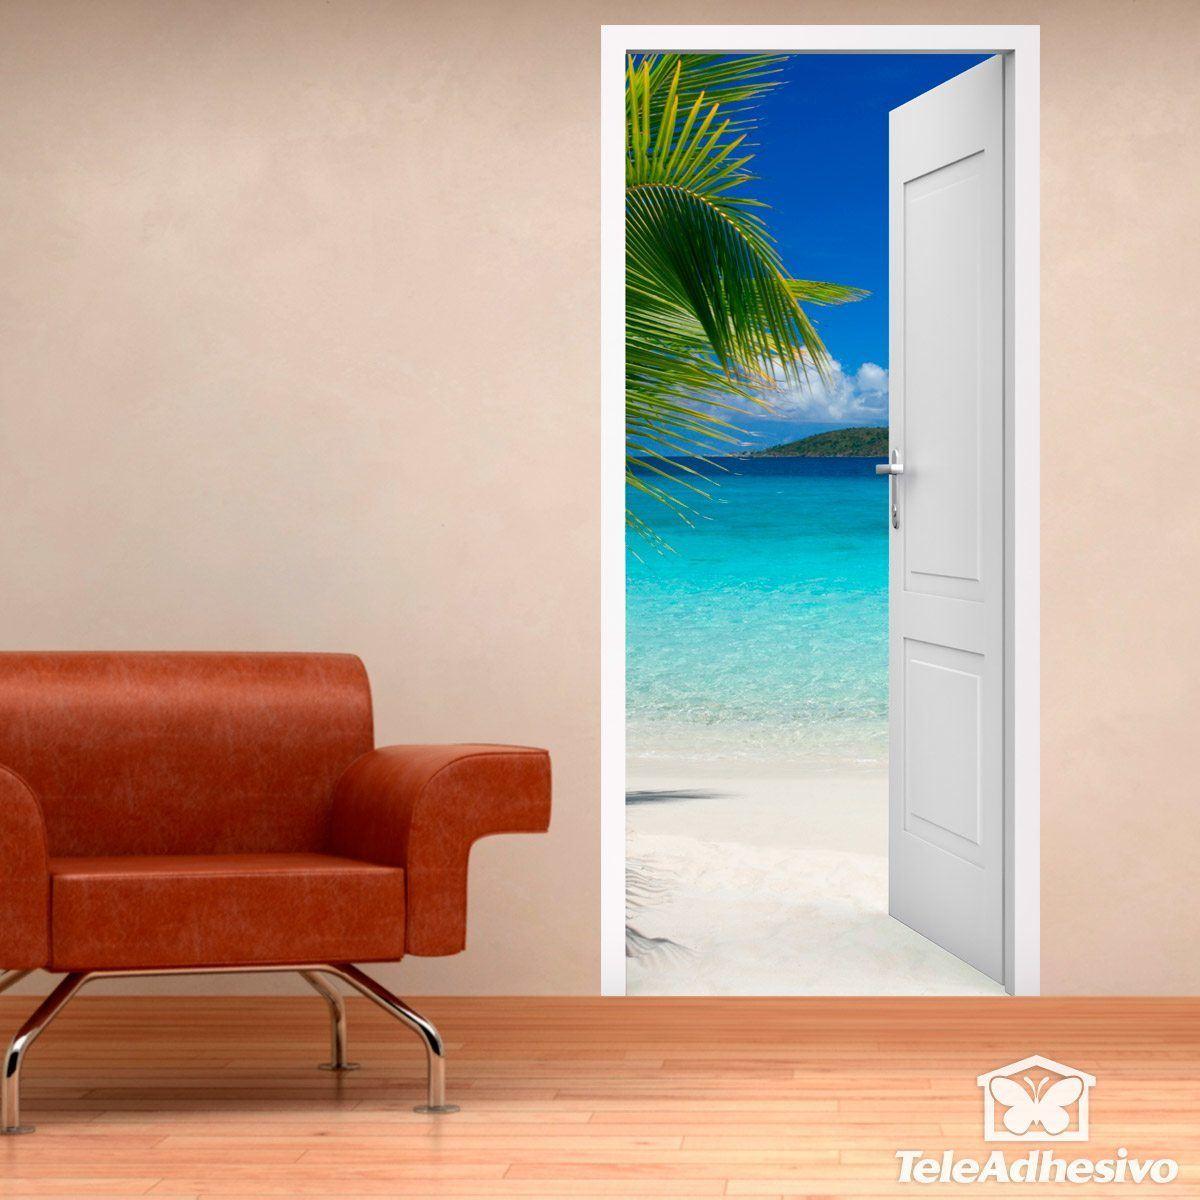 Vinilo puerta al caribe - Vinilos decorativos puertas ...